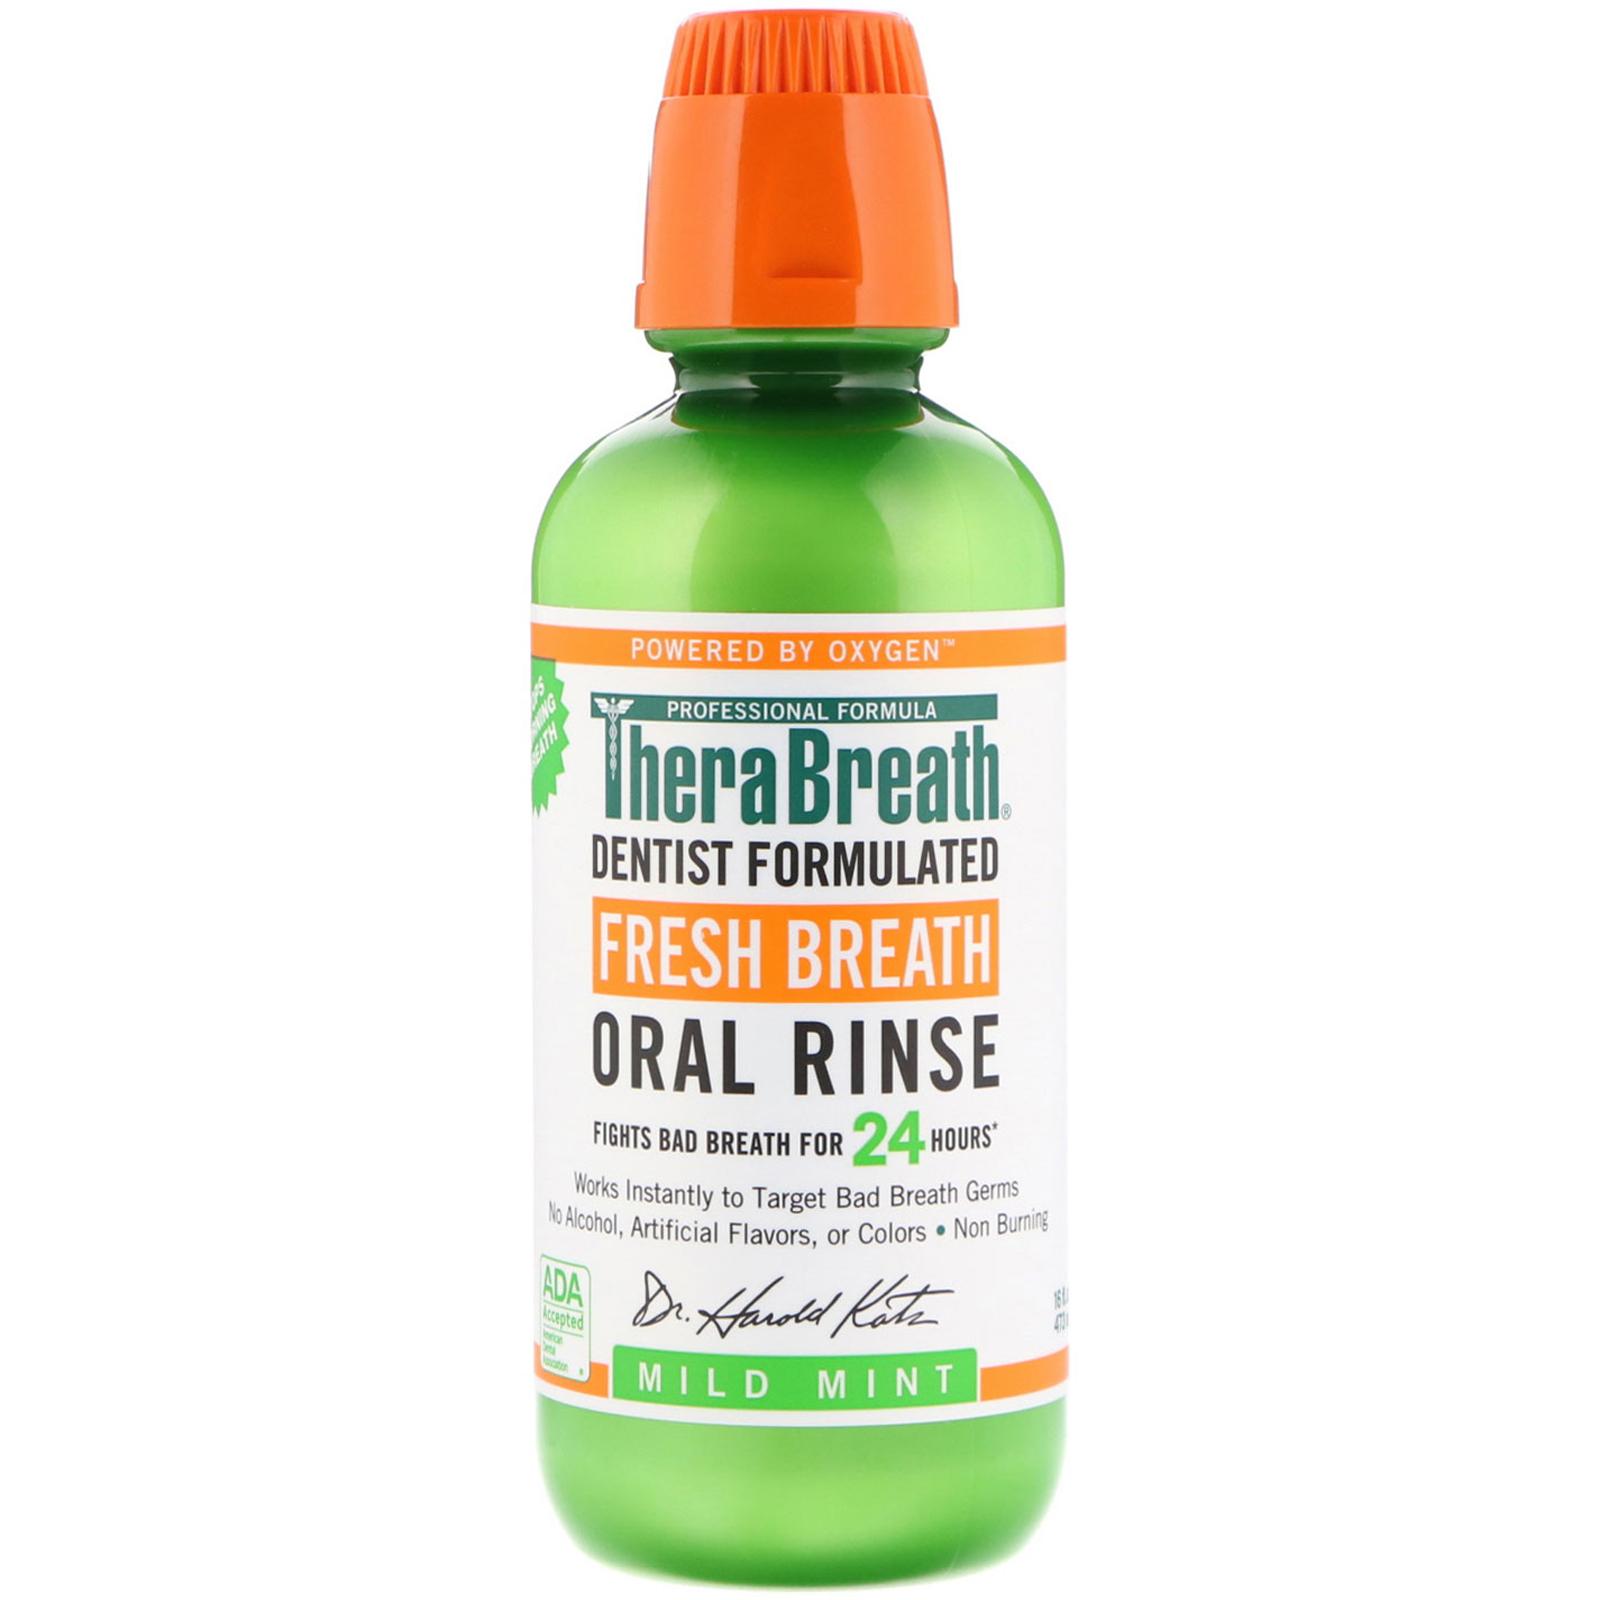 a3ae017014bf TheraBreath, Fresh Breath, Oral Rinse, Mild Mint, 16 fl oz (473 ml ...